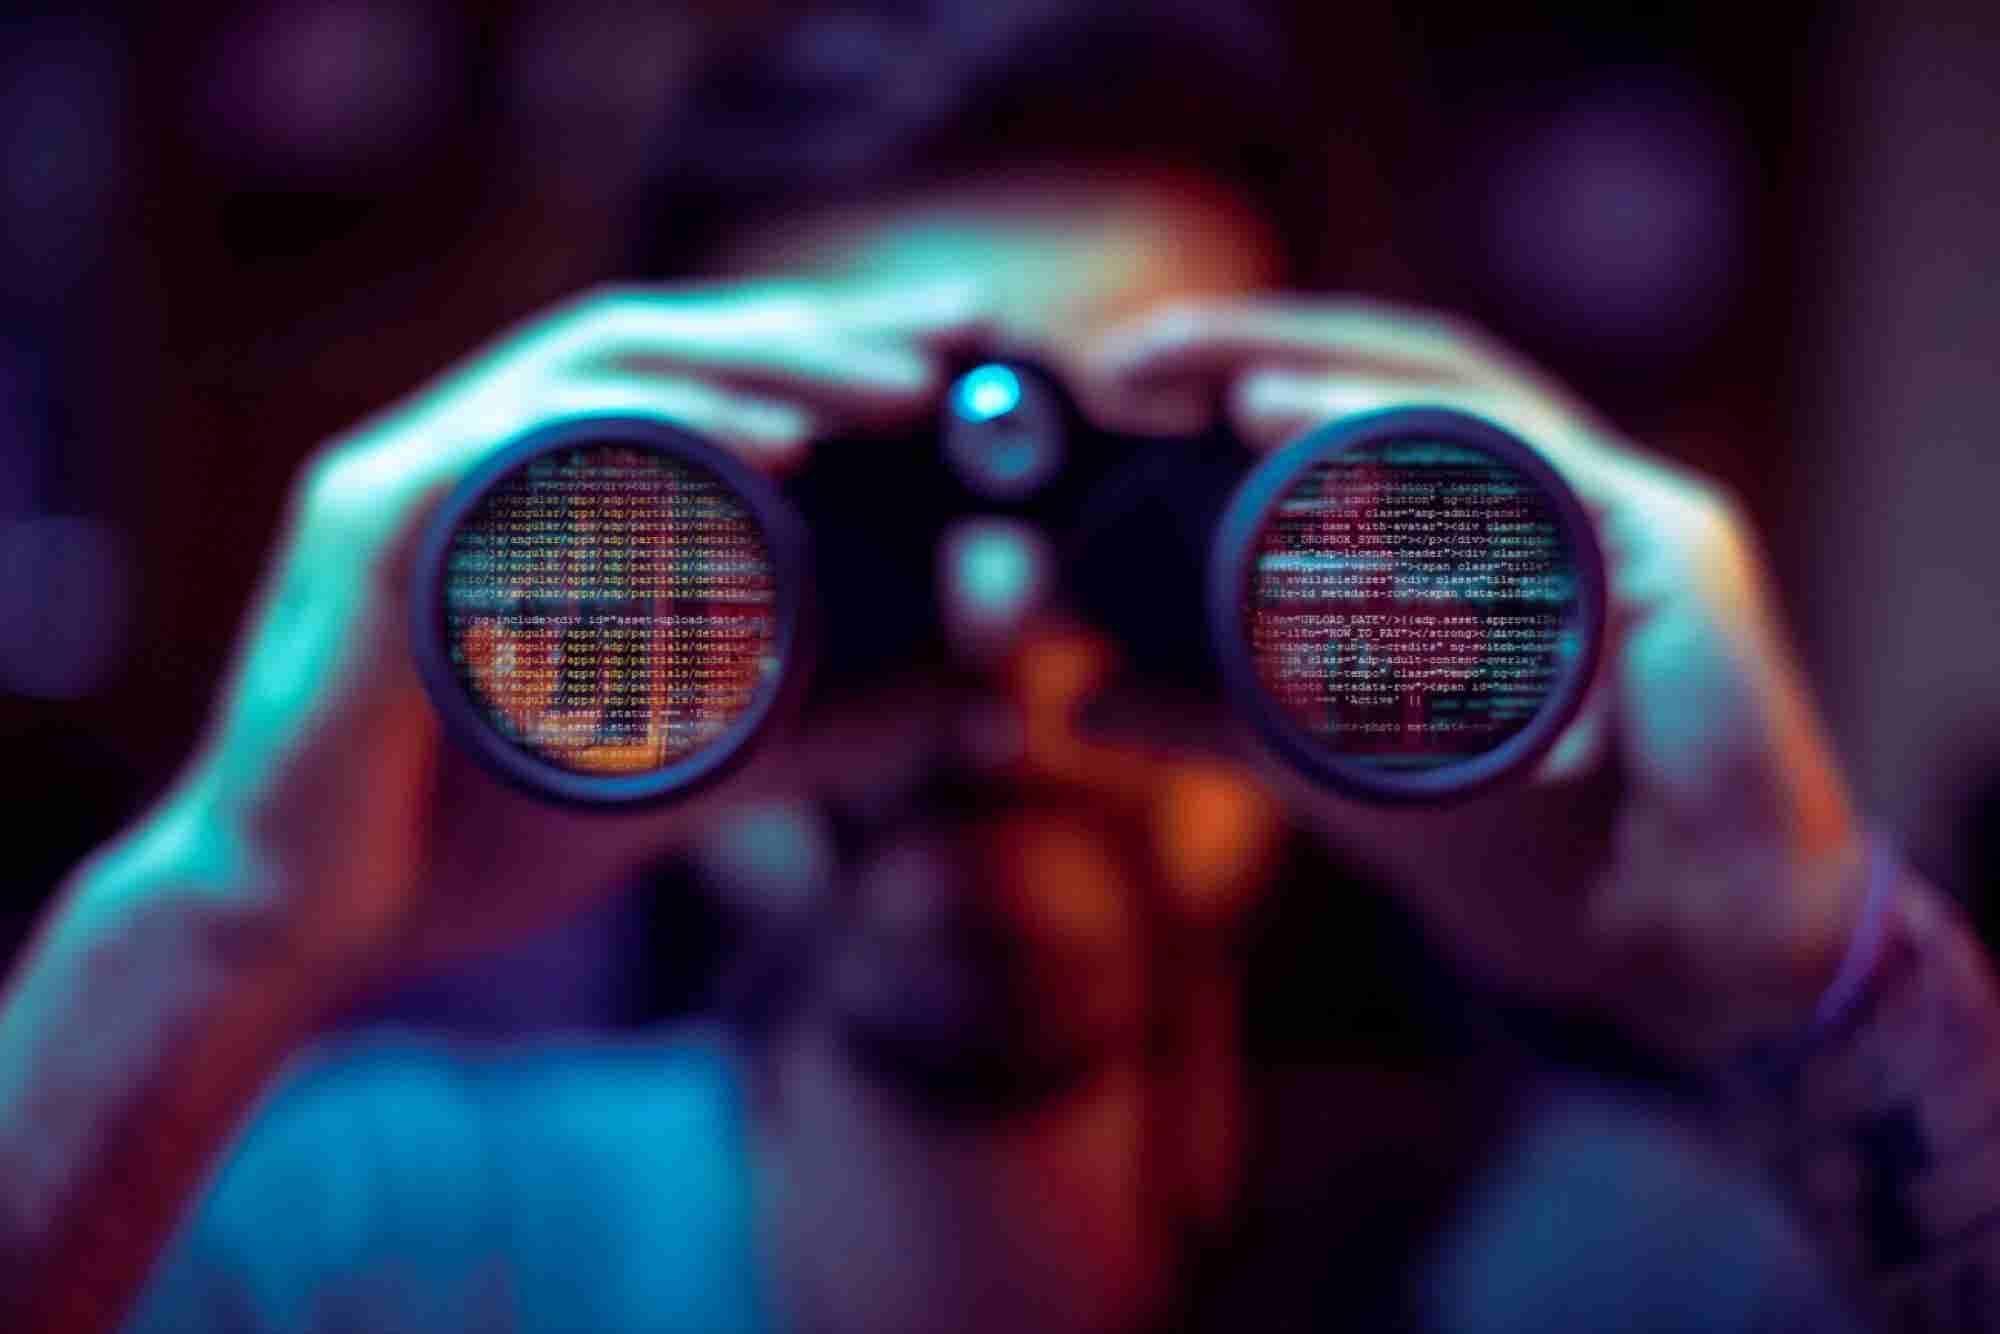 To Understand Today's Cyber War Study Cold War Spycraft